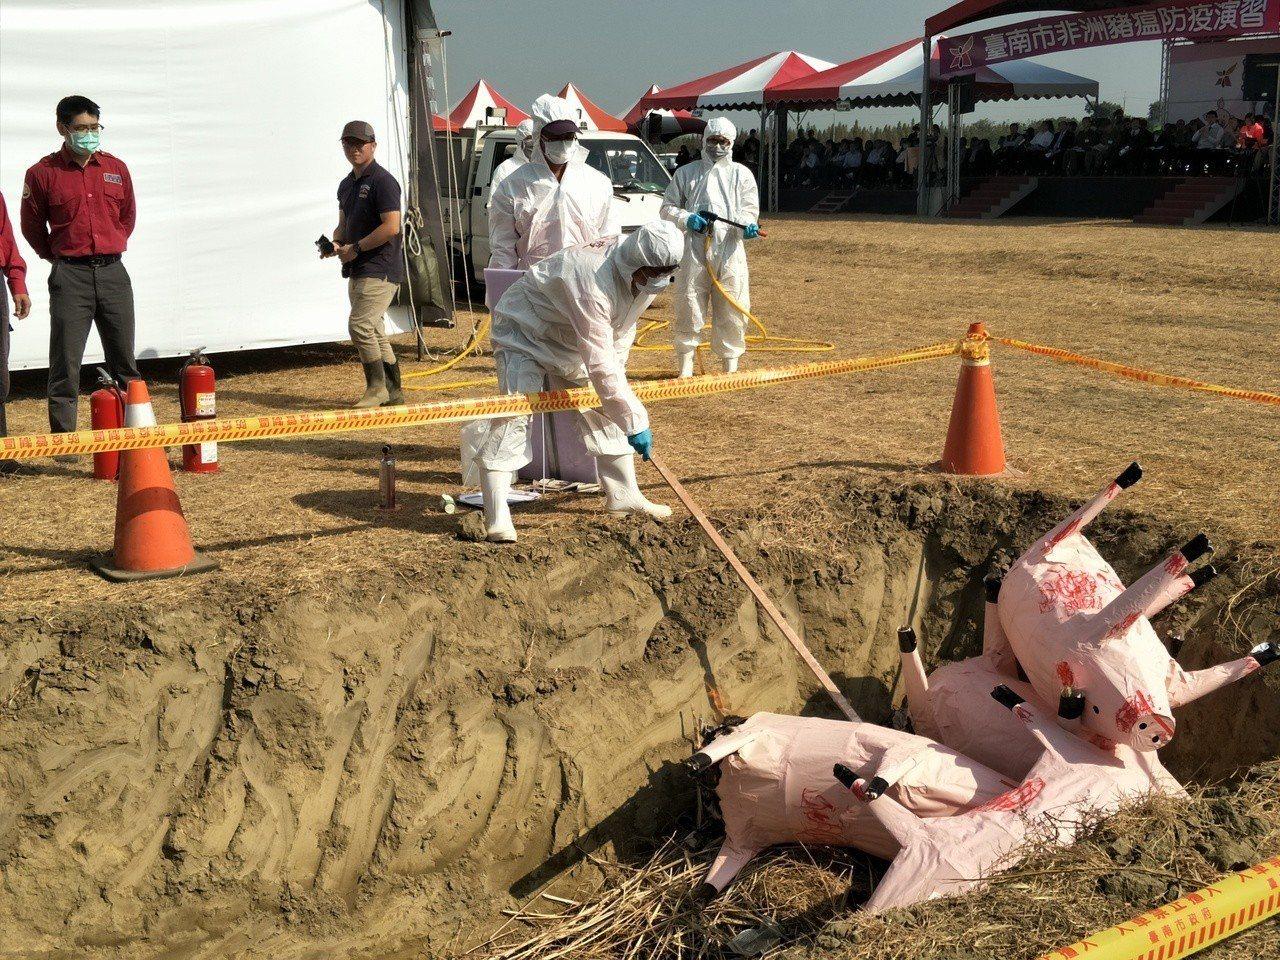 現場進行豬屍掩埋模擬過程。記者謝進盛/攝影